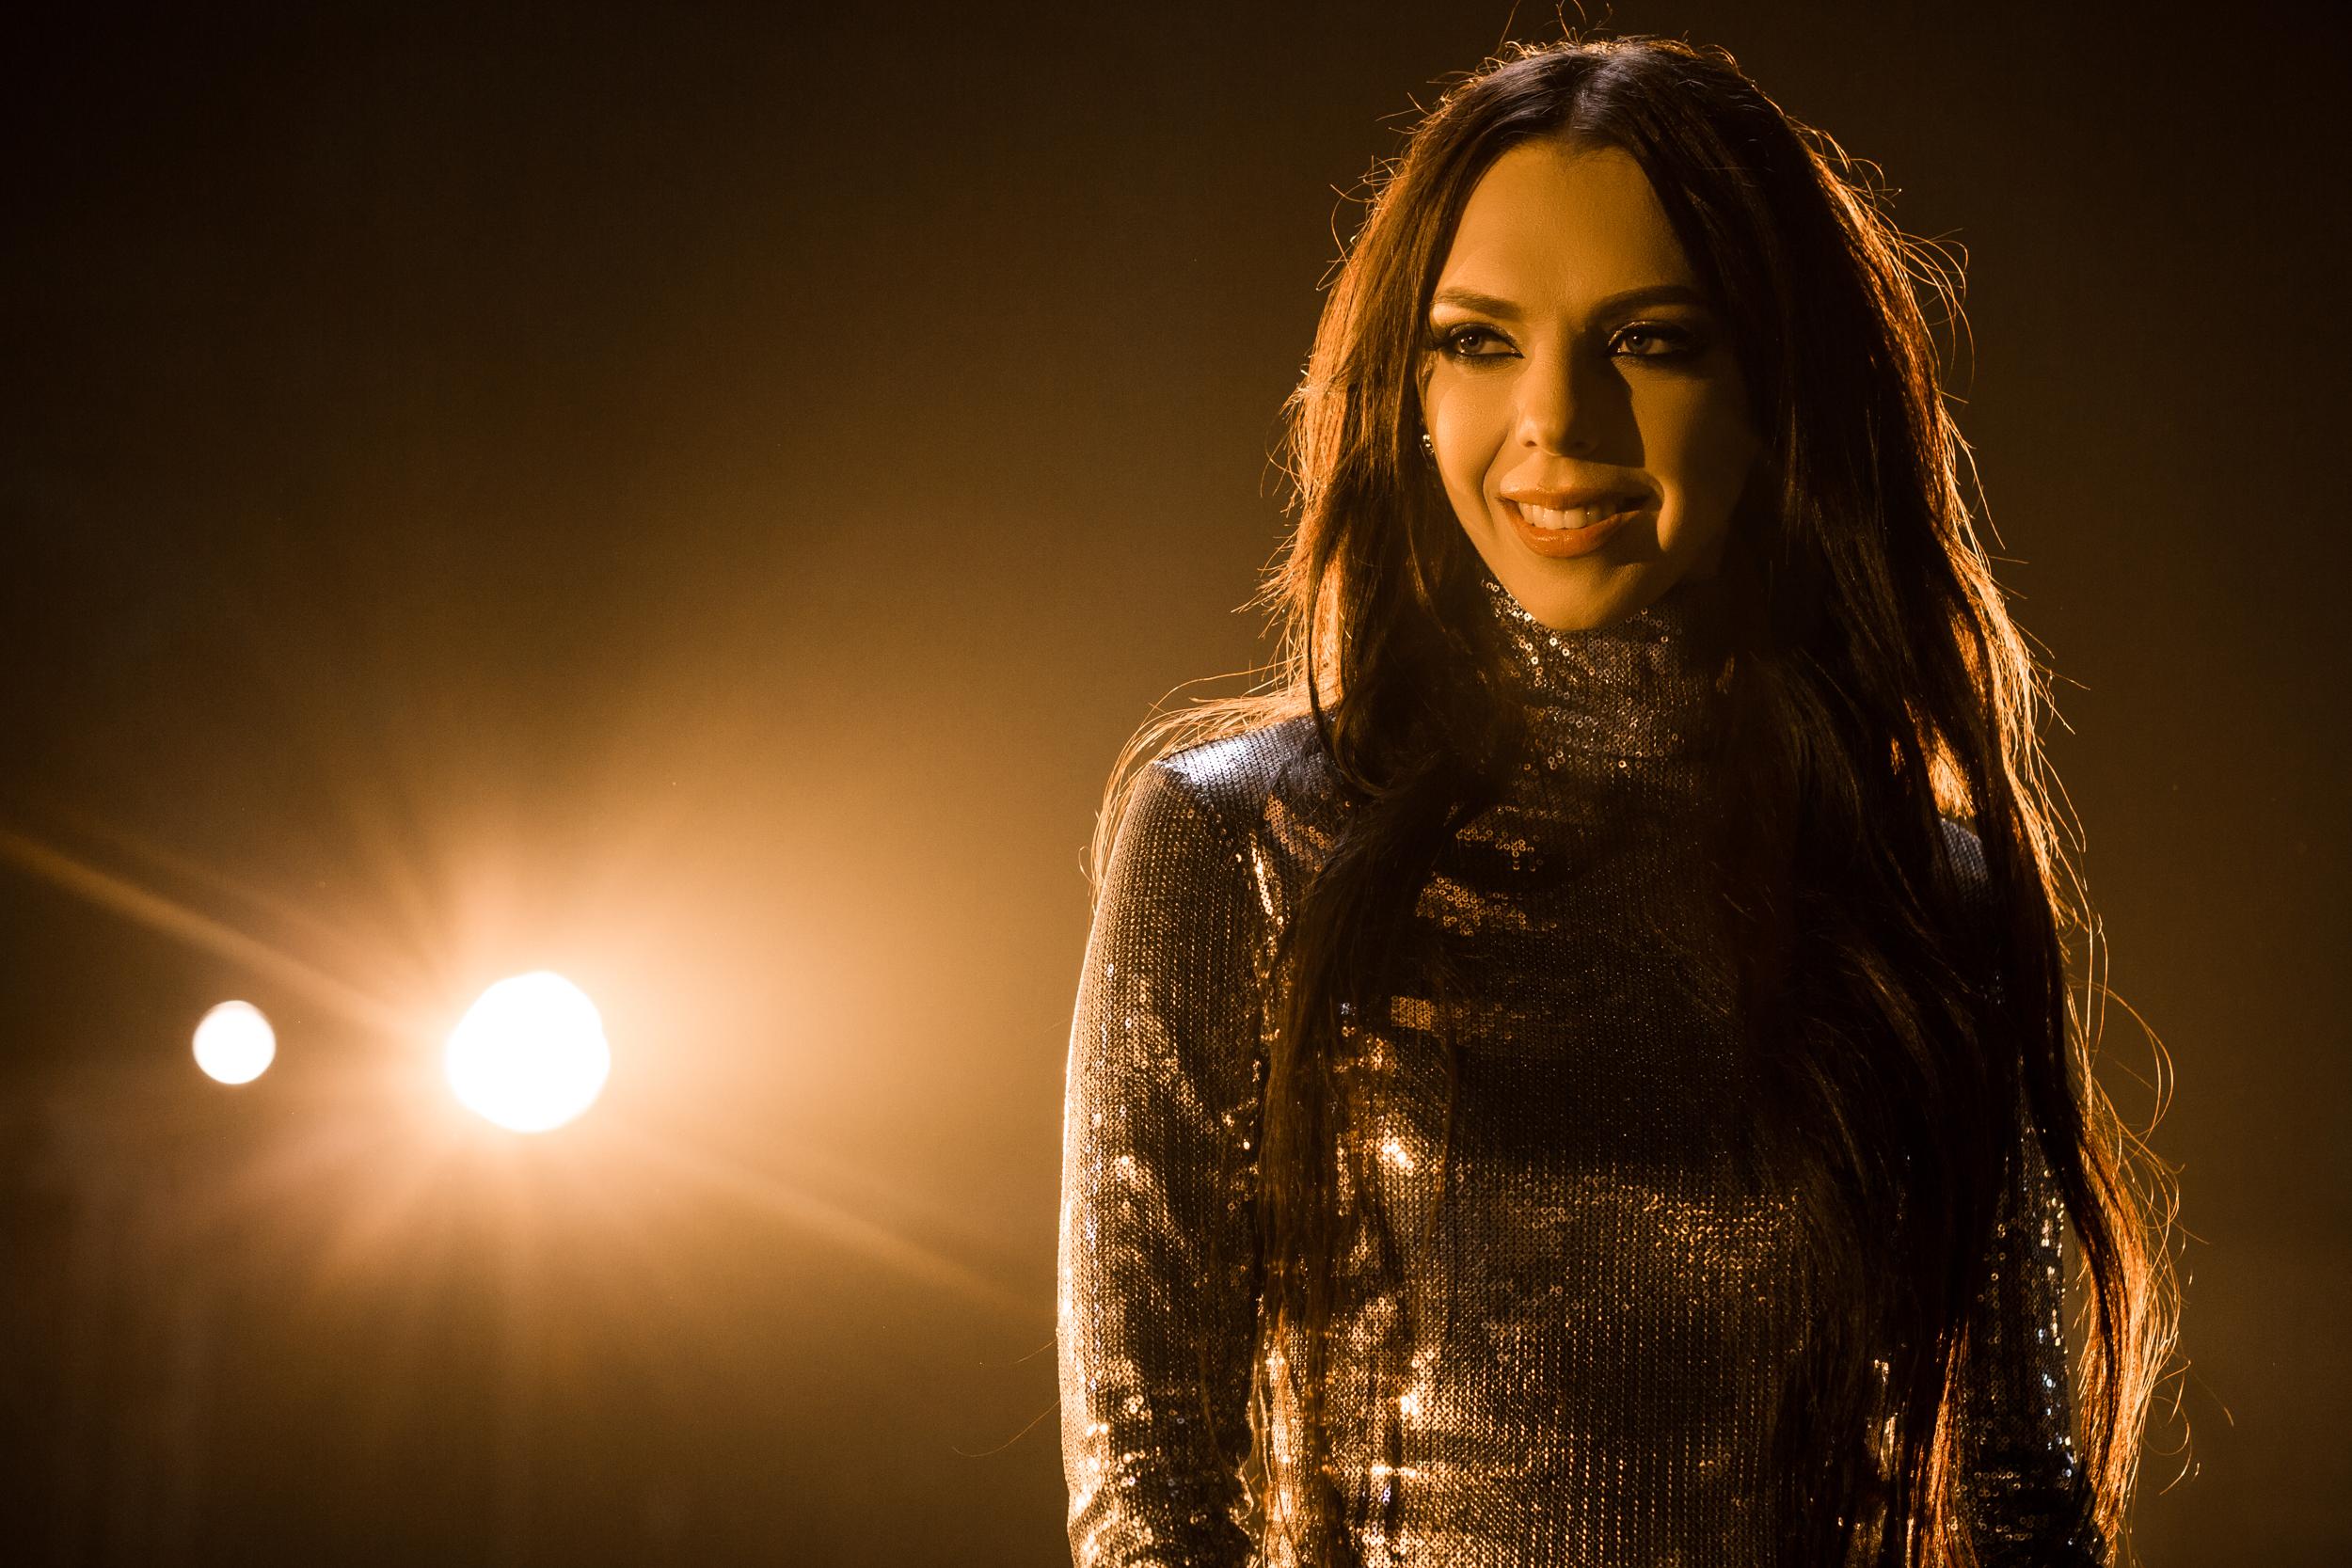 Sonya Kay примеряла откровенные образы в клипе на песню